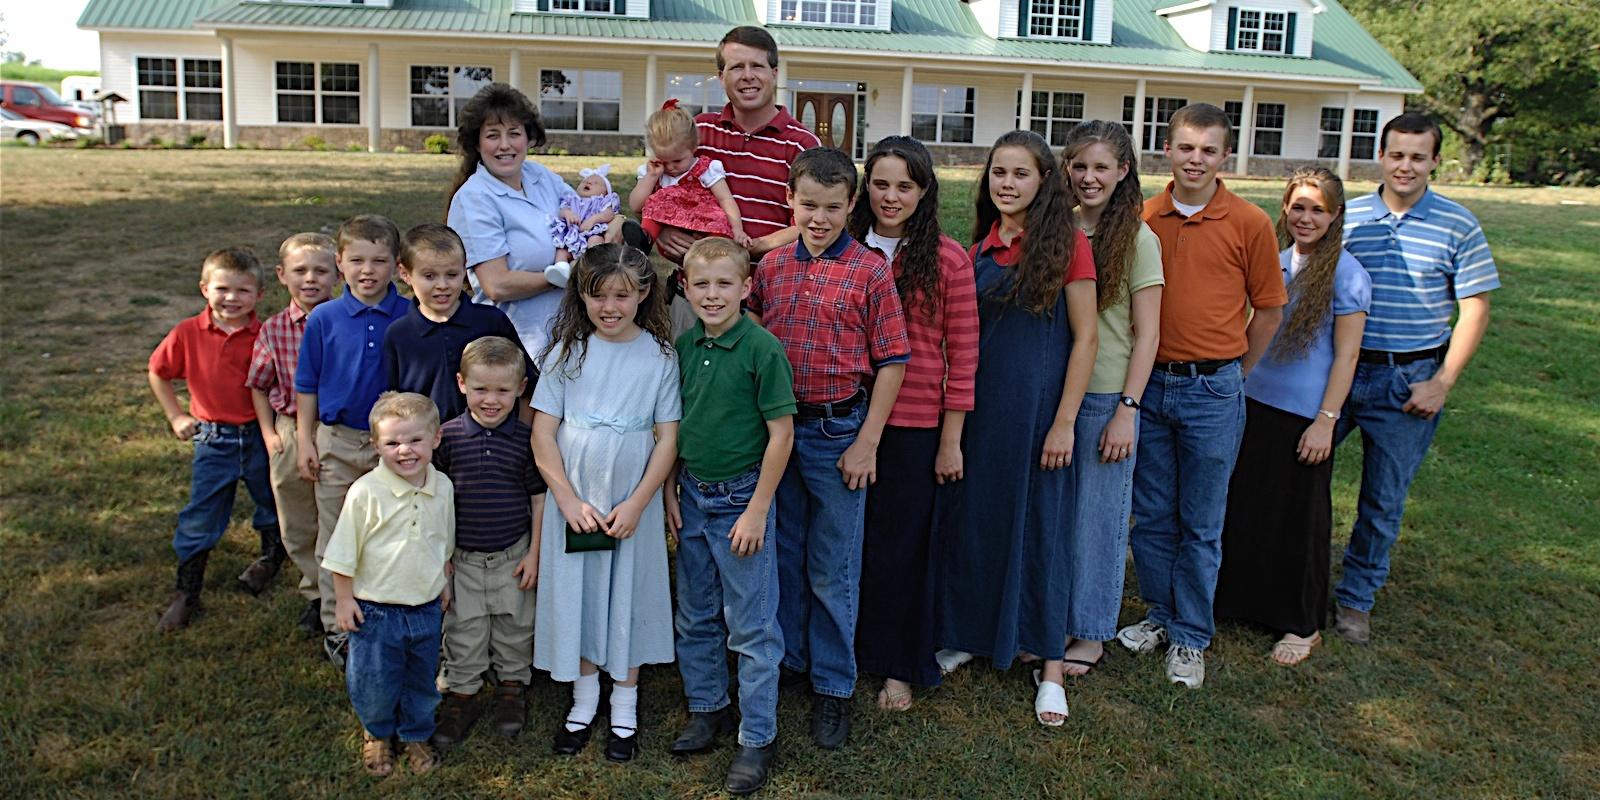 Verdad en libertad le damos gracias a dios por este milagro la familia numerosa m s famosa - Casas para familias numerosas ...